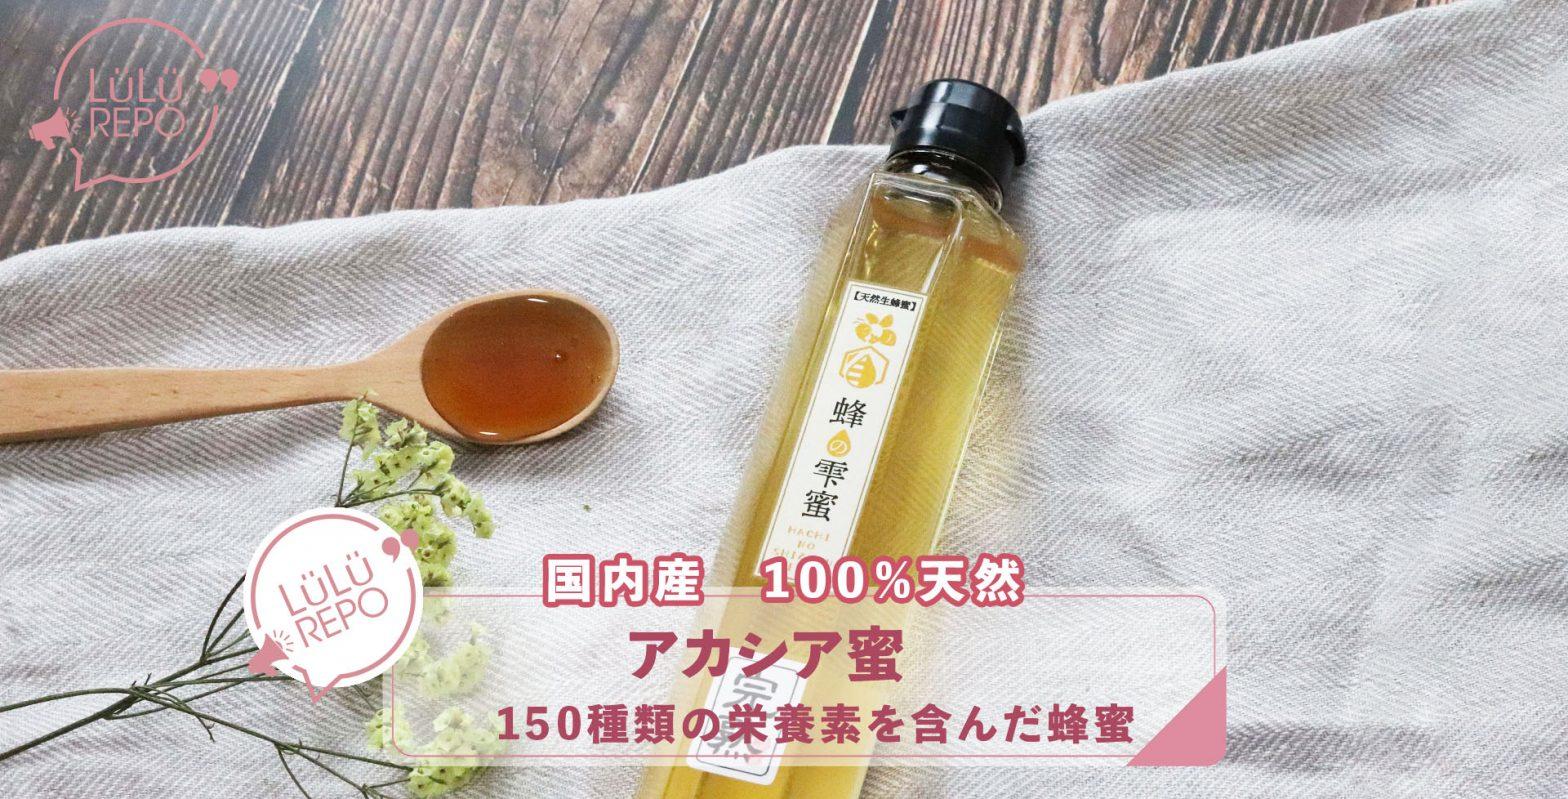 【ルルレポ公式】ハチミツは万能薬?国産アカシア蜂蜜の実力を医師にインタビュー!